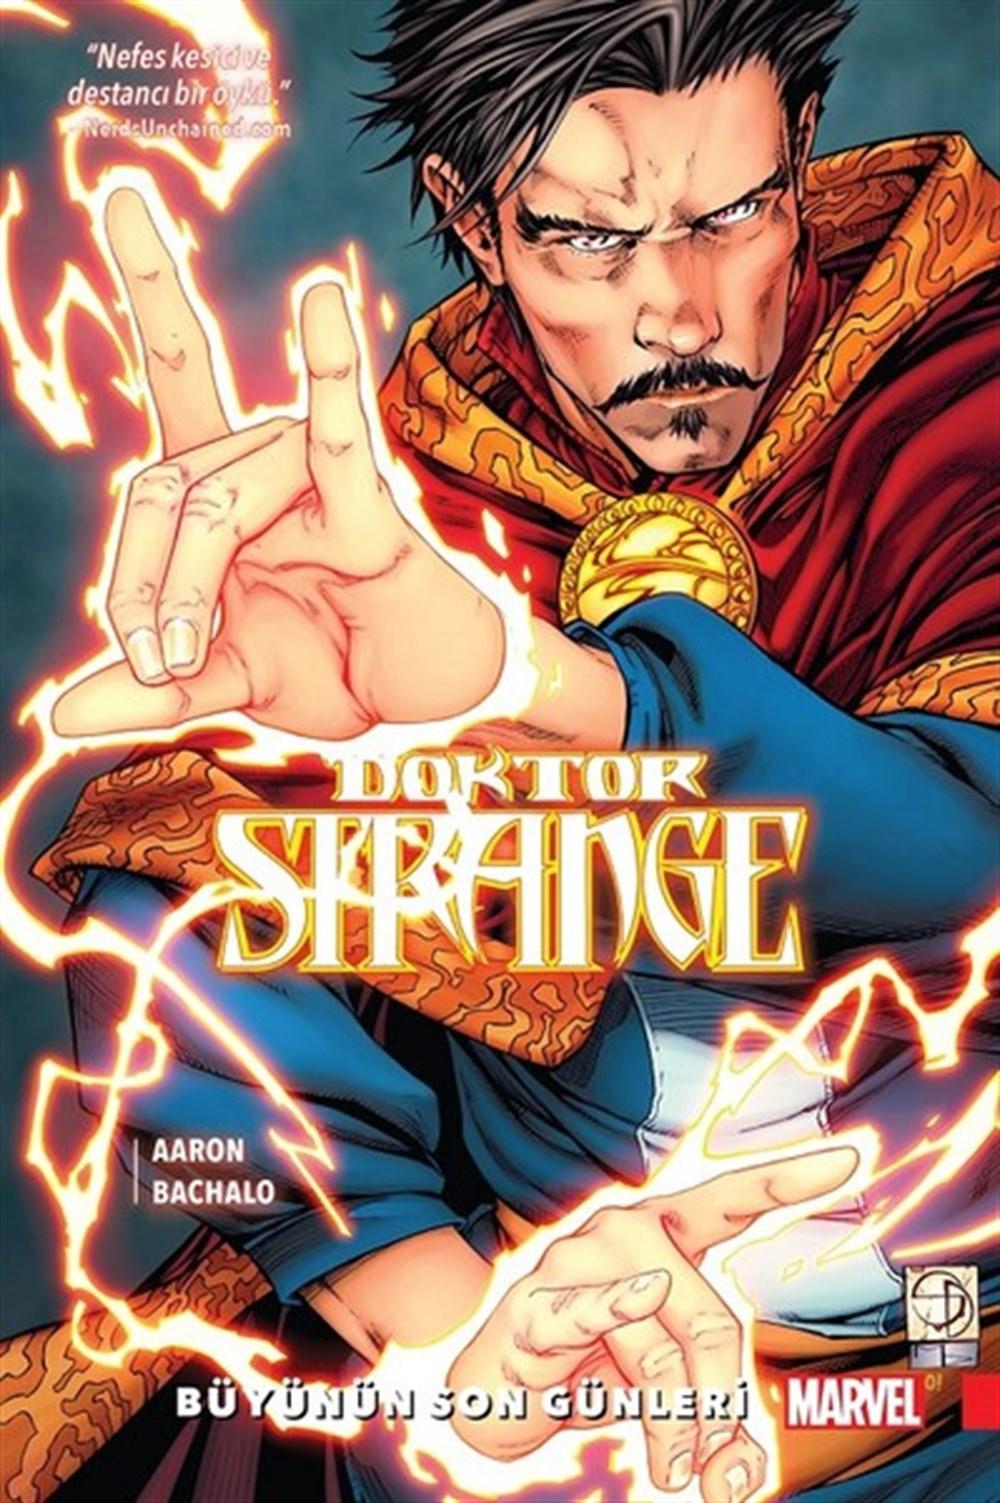 Doktor Strange Cilt 2: Büyünün Son Günleri